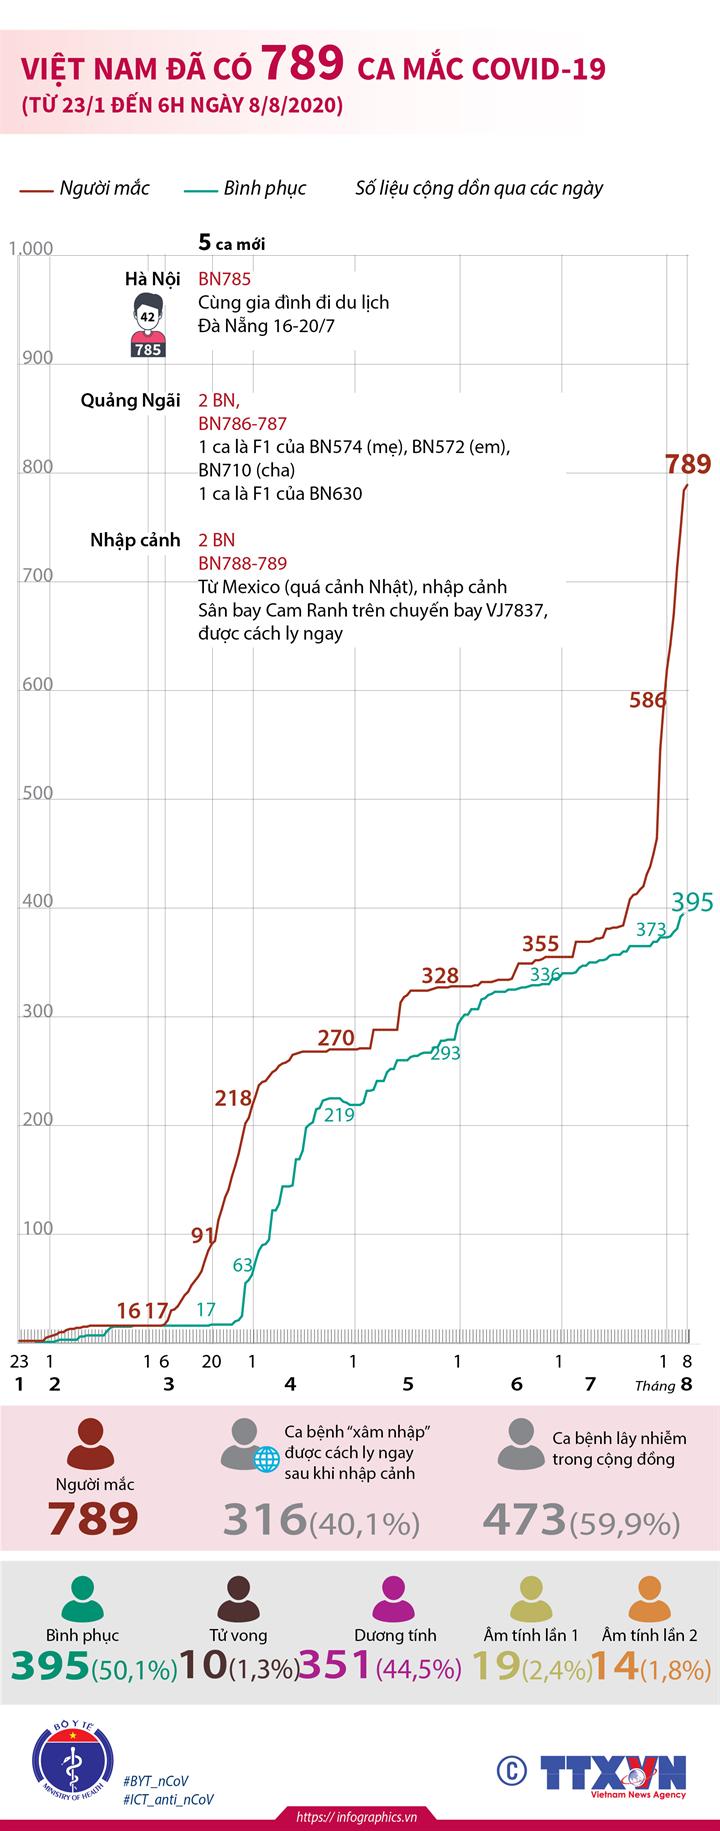 Việt Nam đã có 789 ca mắc COVID-19 (từ 23/1 đến 6h ngày 8/8/2020)